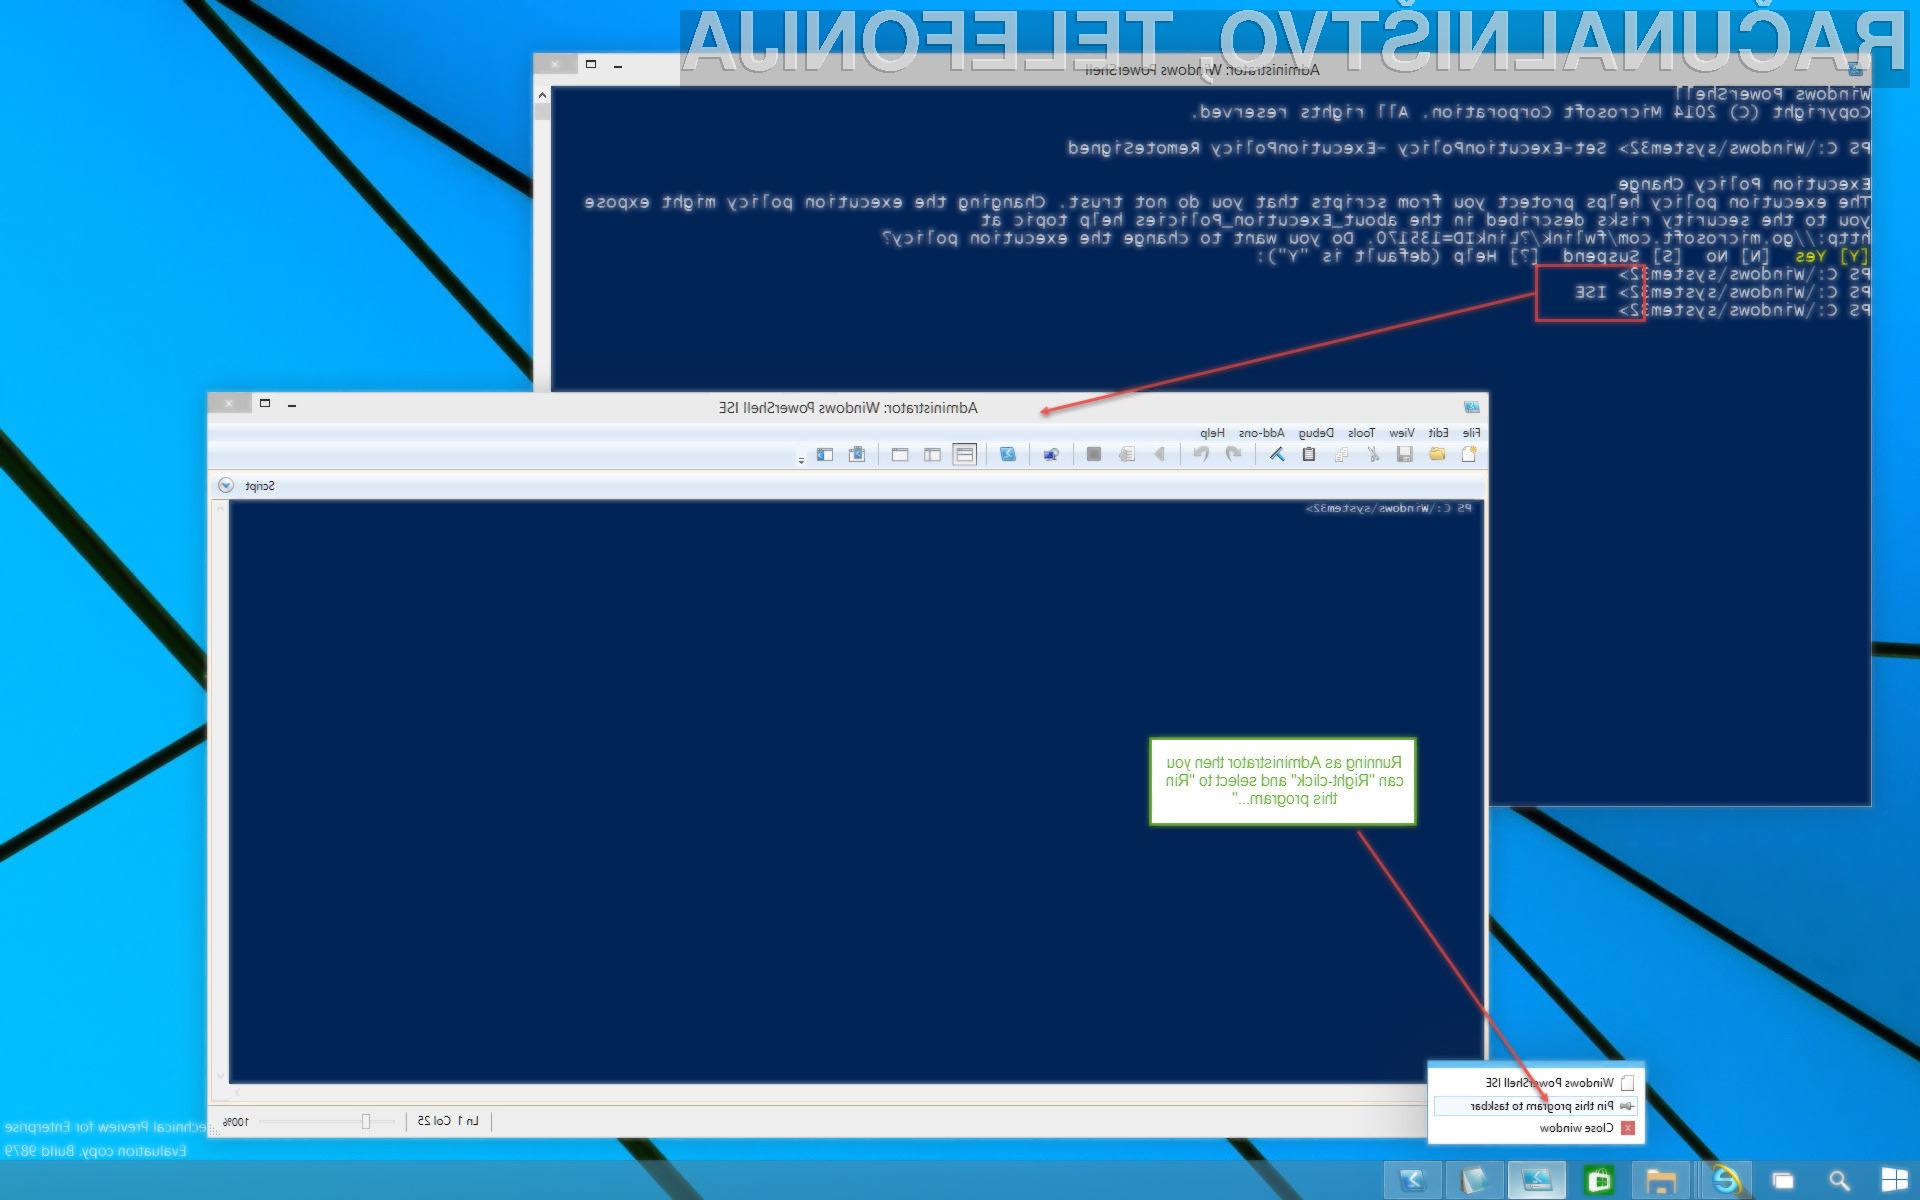 Posodobitev za Windows 10 je tokrat onemogočila pravilo delovanje ukazne lupine PowerShell.